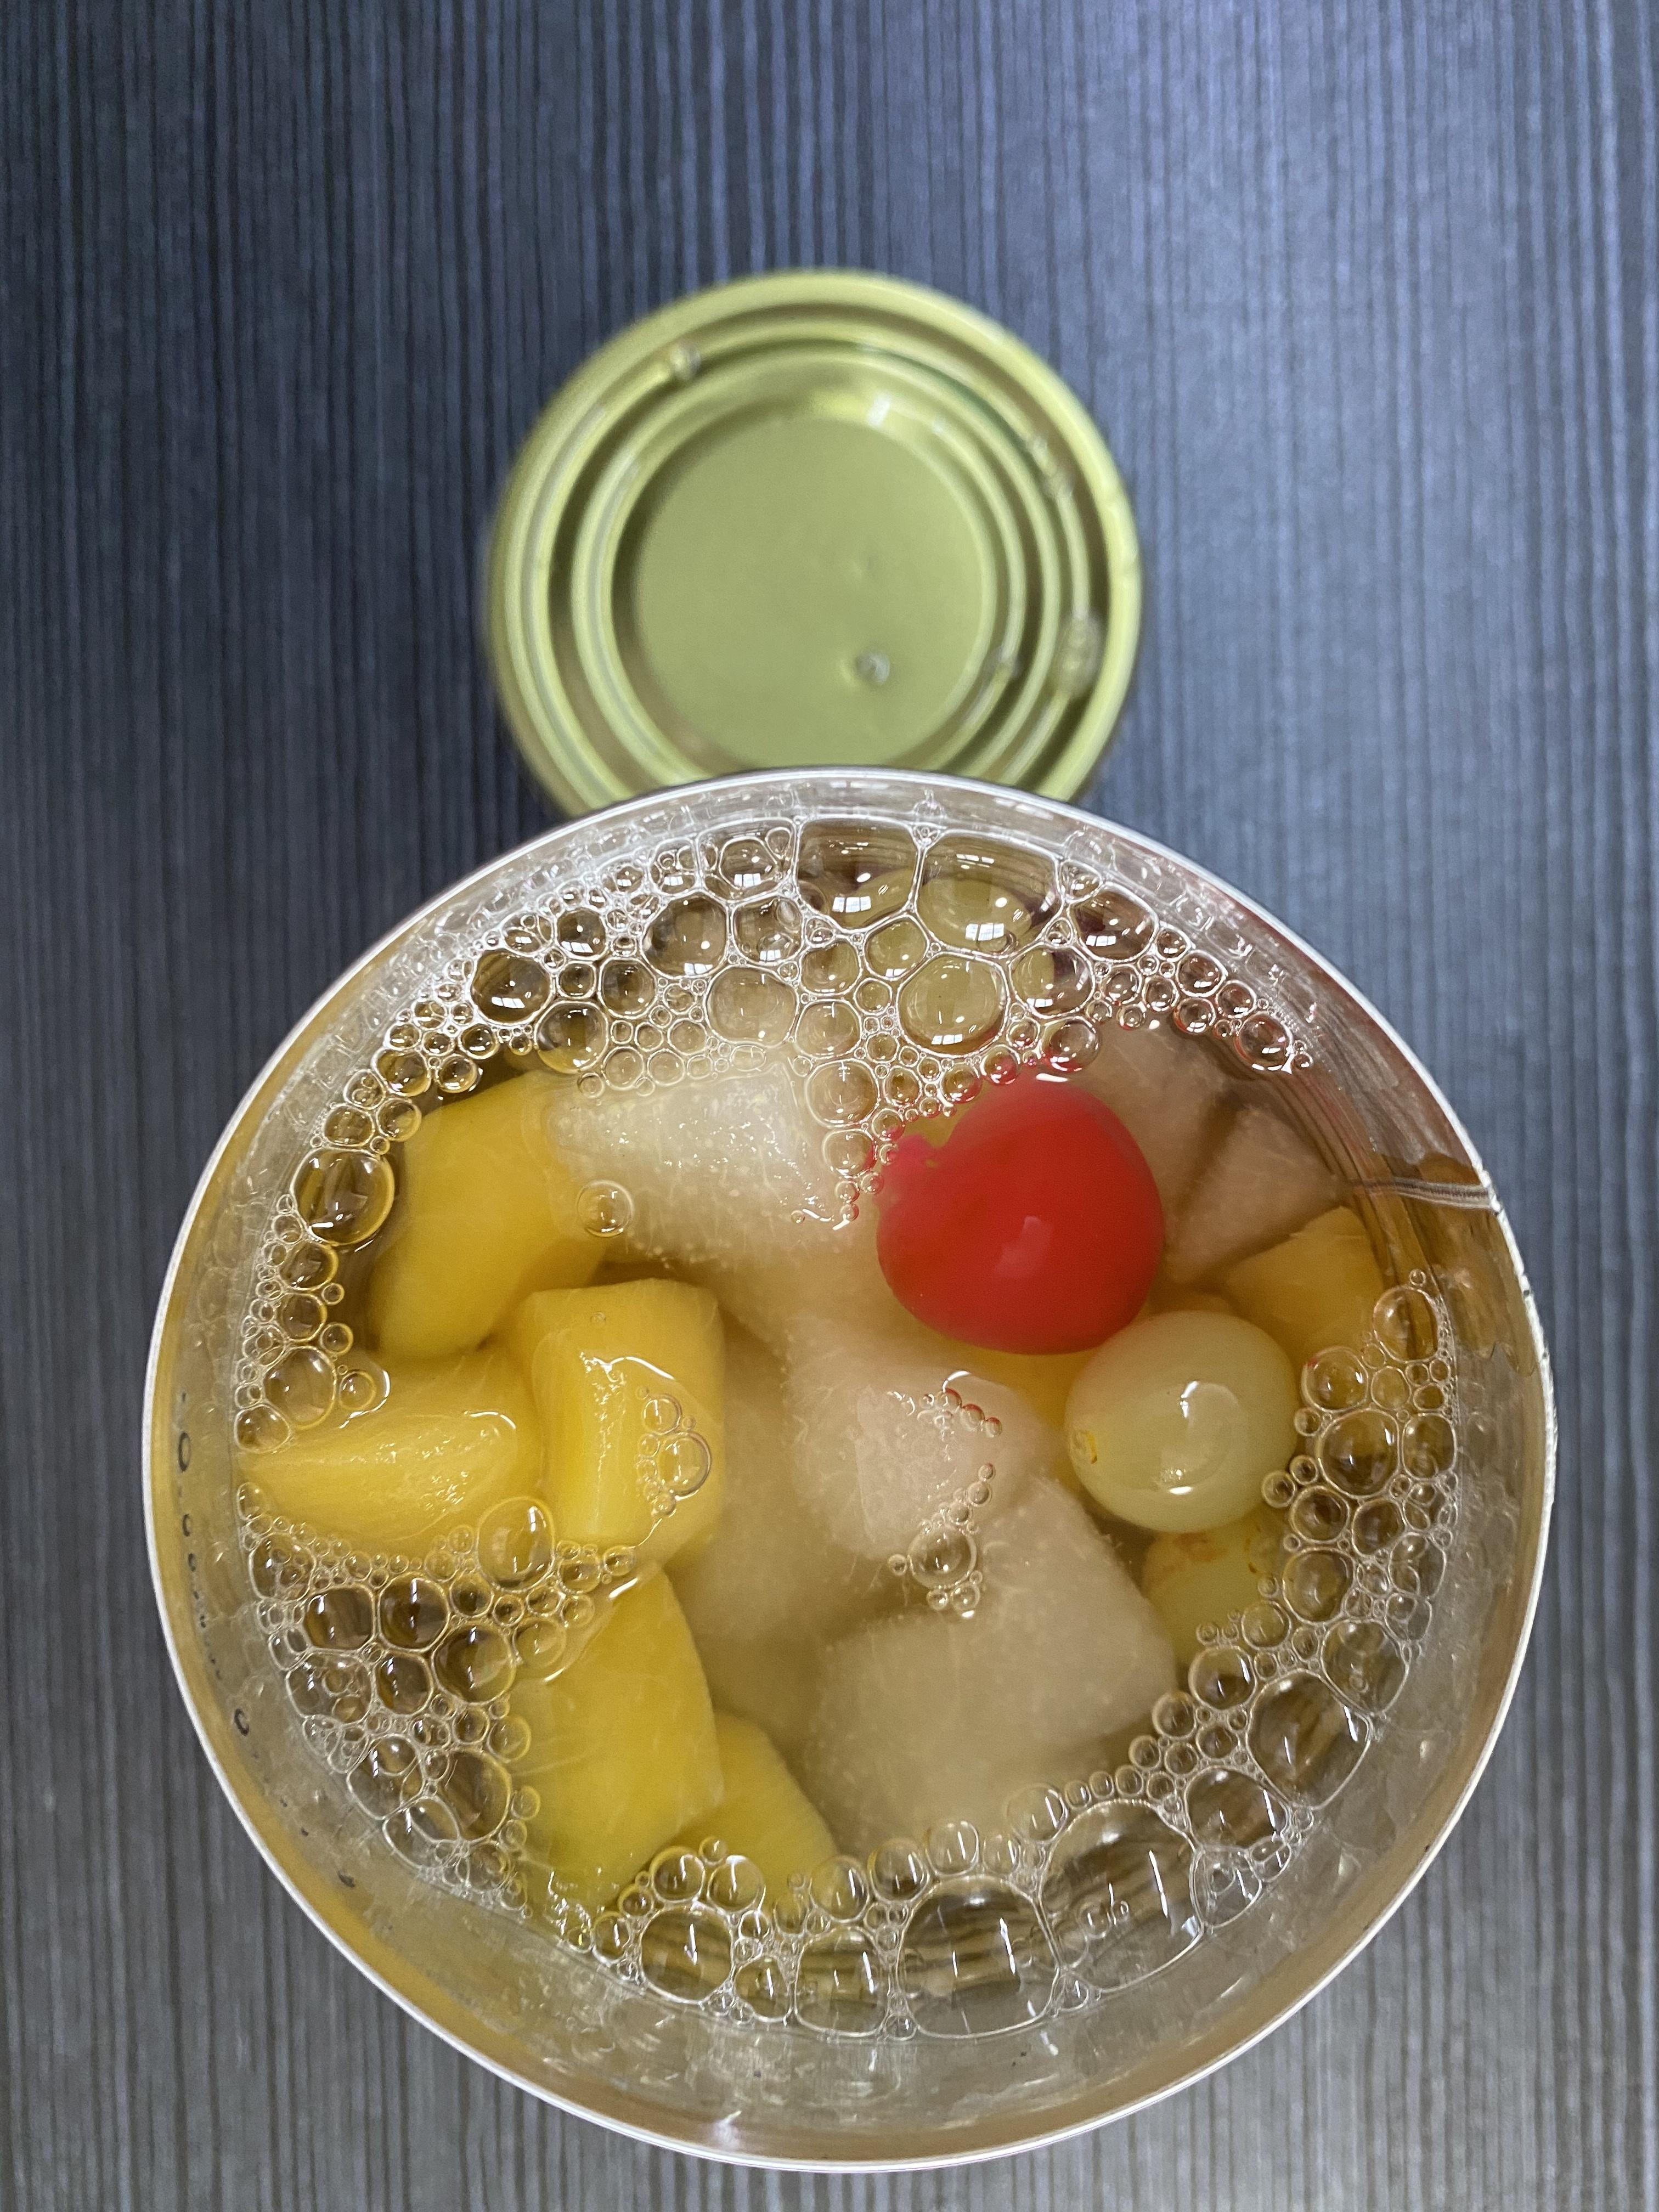 В легком сиропе вкусный консервированный фруктовый коктейль